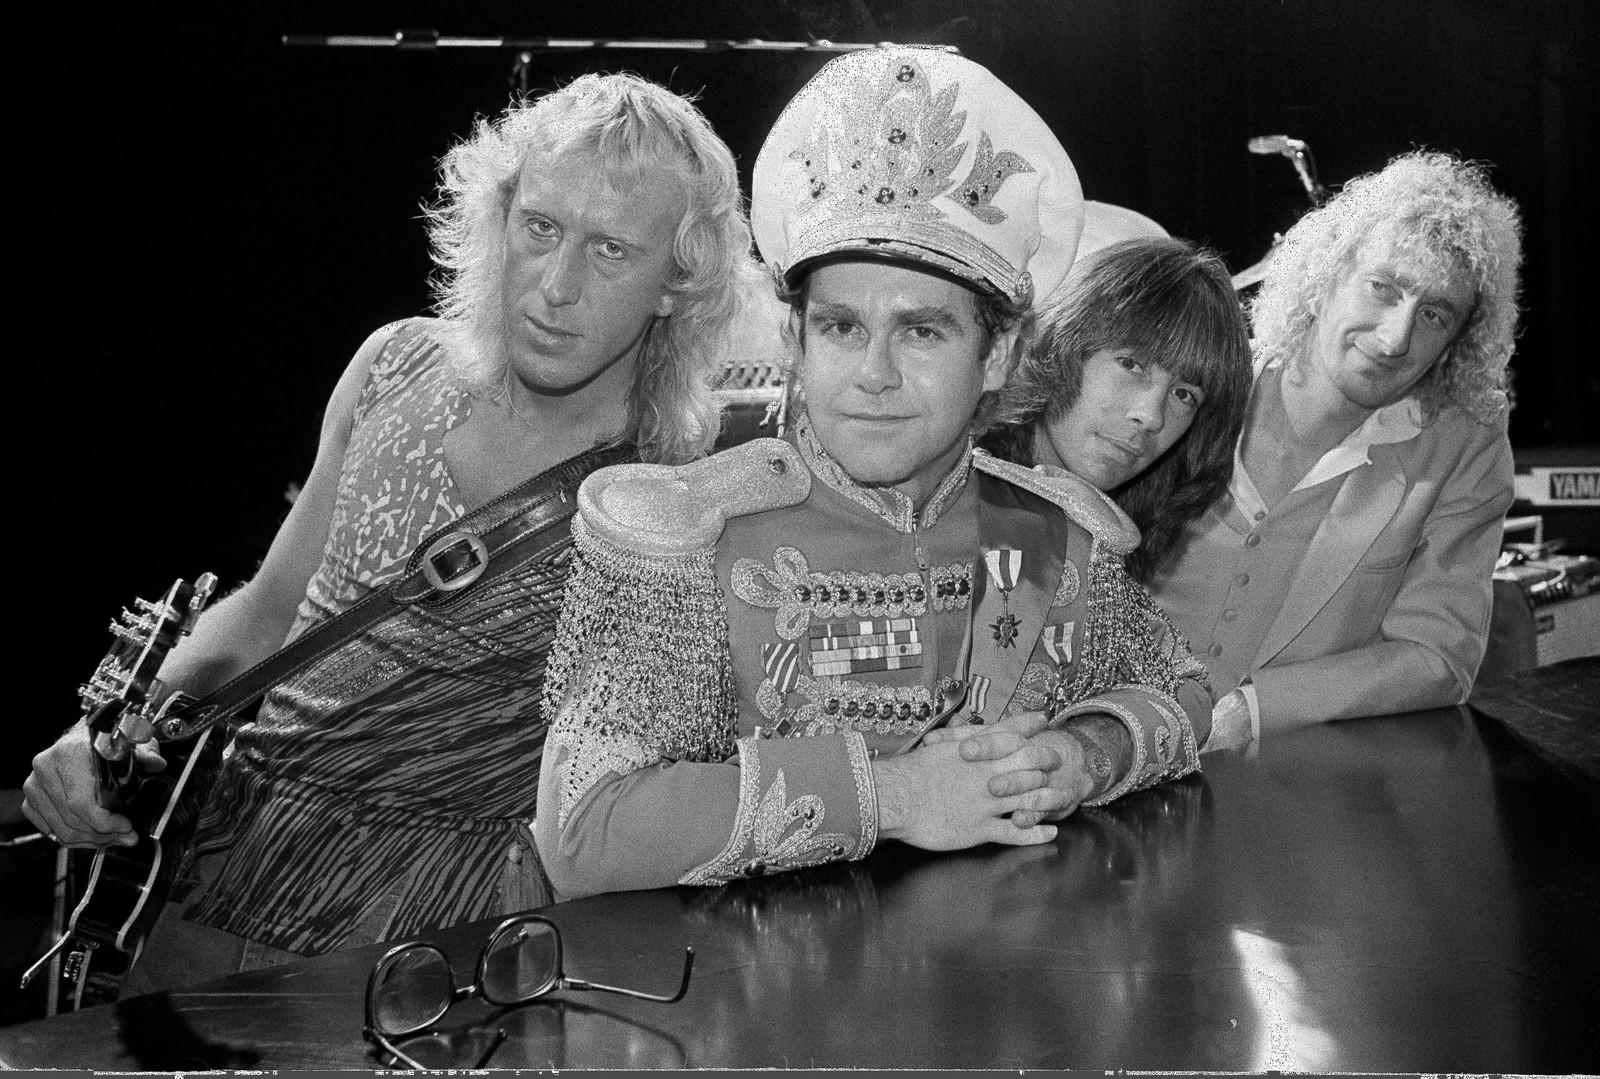 1982: Med dei originale medlemmene i bandet sitt i øvingsstudioet Millwall i London 31. oktober. F.v. Davey Johnston, Elton John, Nigel Olsson, og Dave Murray.